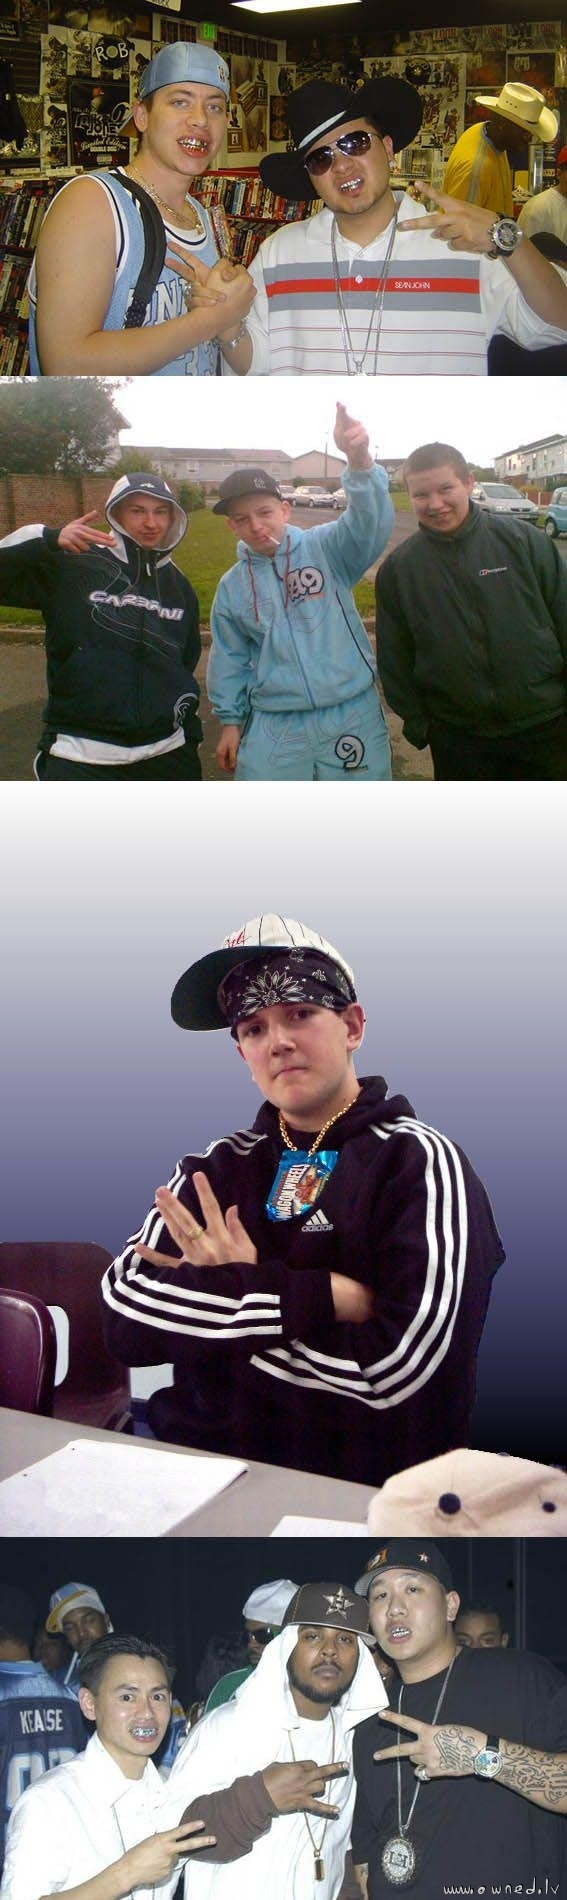 Thats gangsta yo